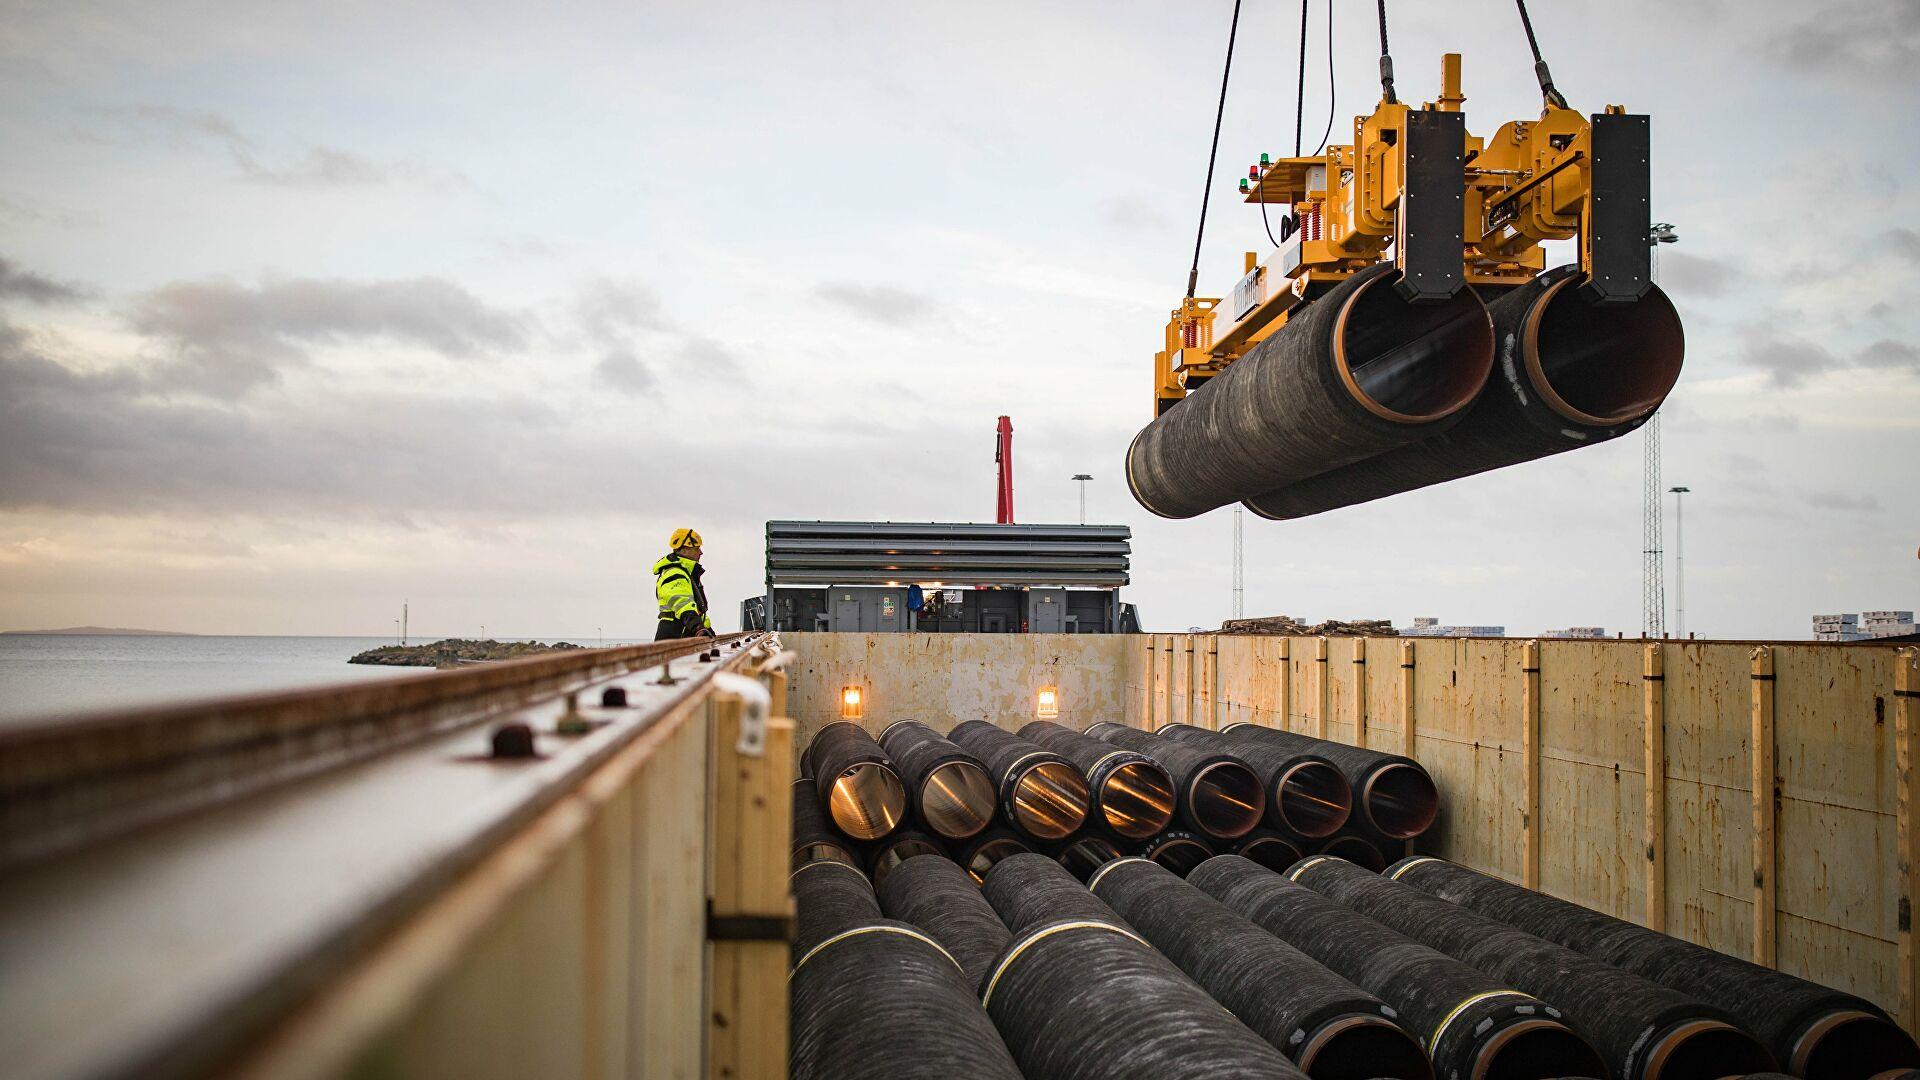 """Brod """"Fortuna"""" nastavio rad na izgradnji gasovoda """"Severni tok 2"""" u vodama Danske"""